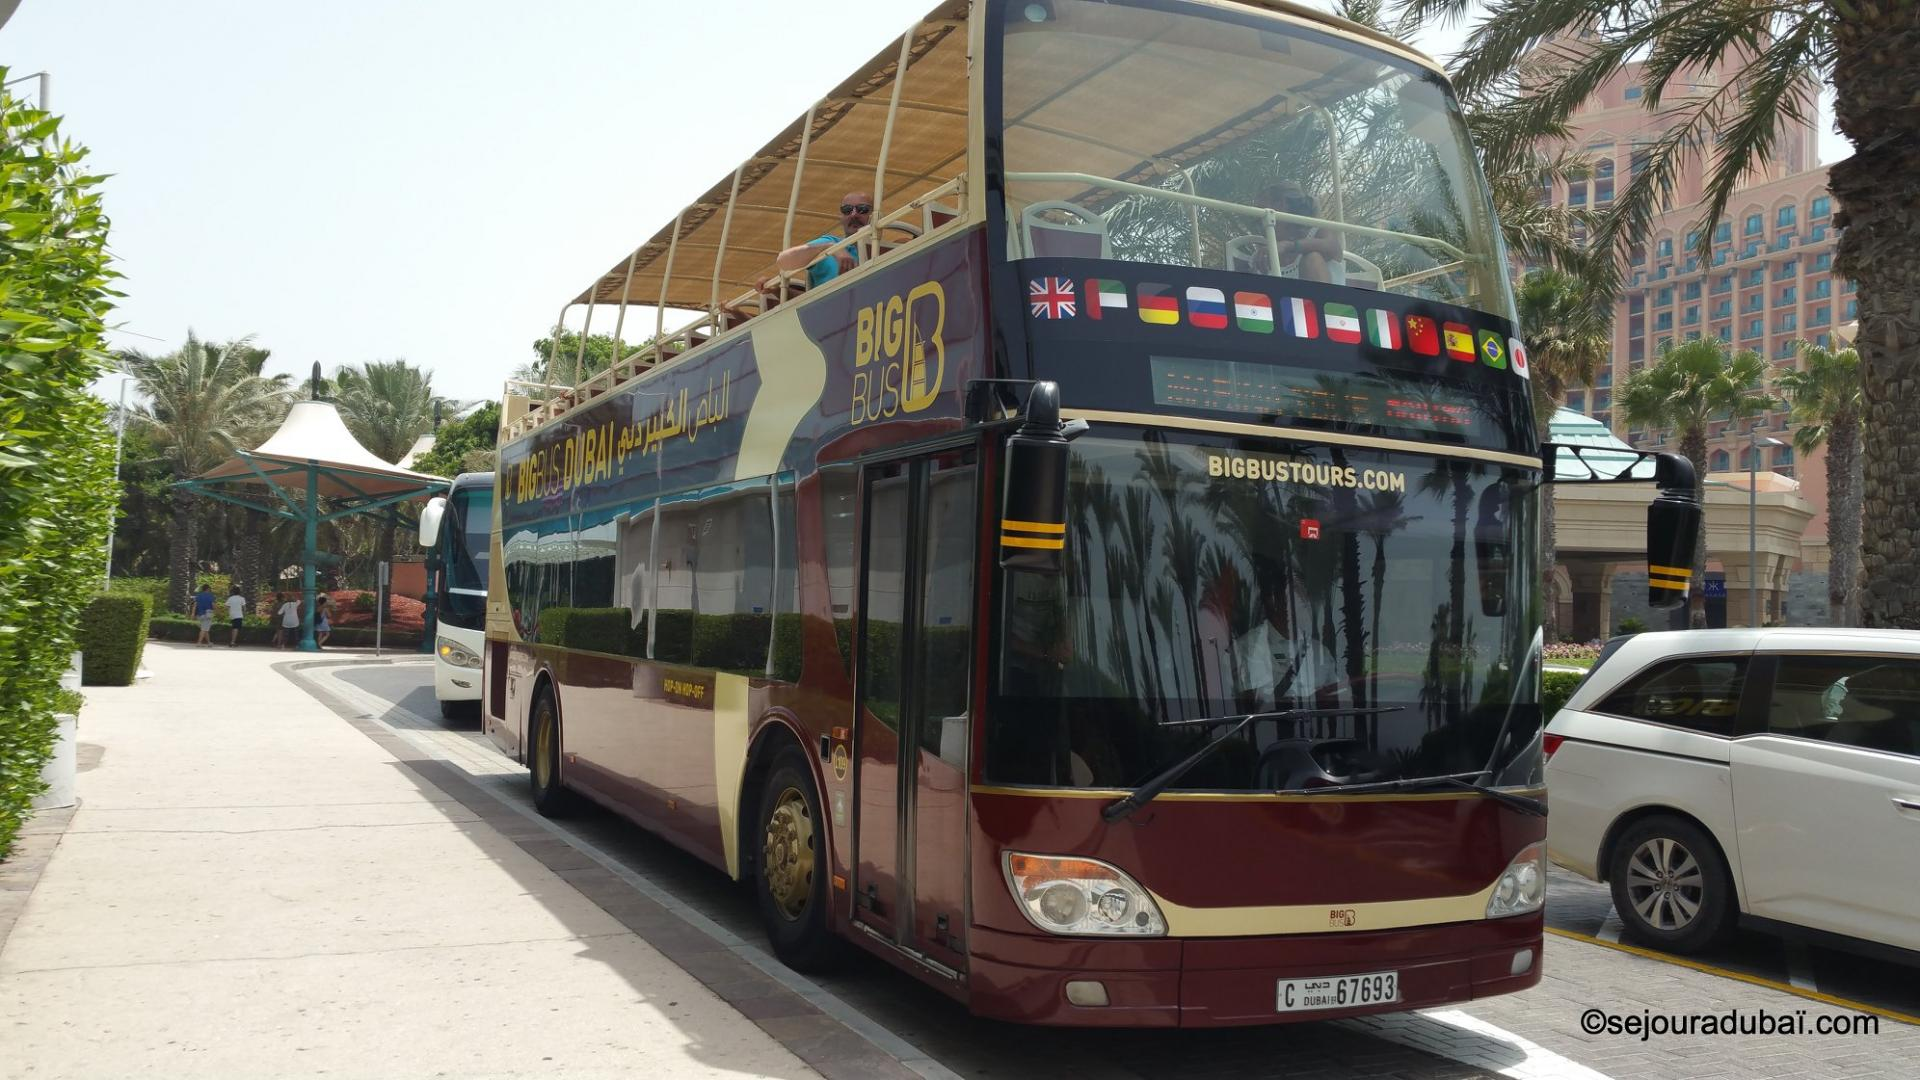 Big Bus tour Dubaï